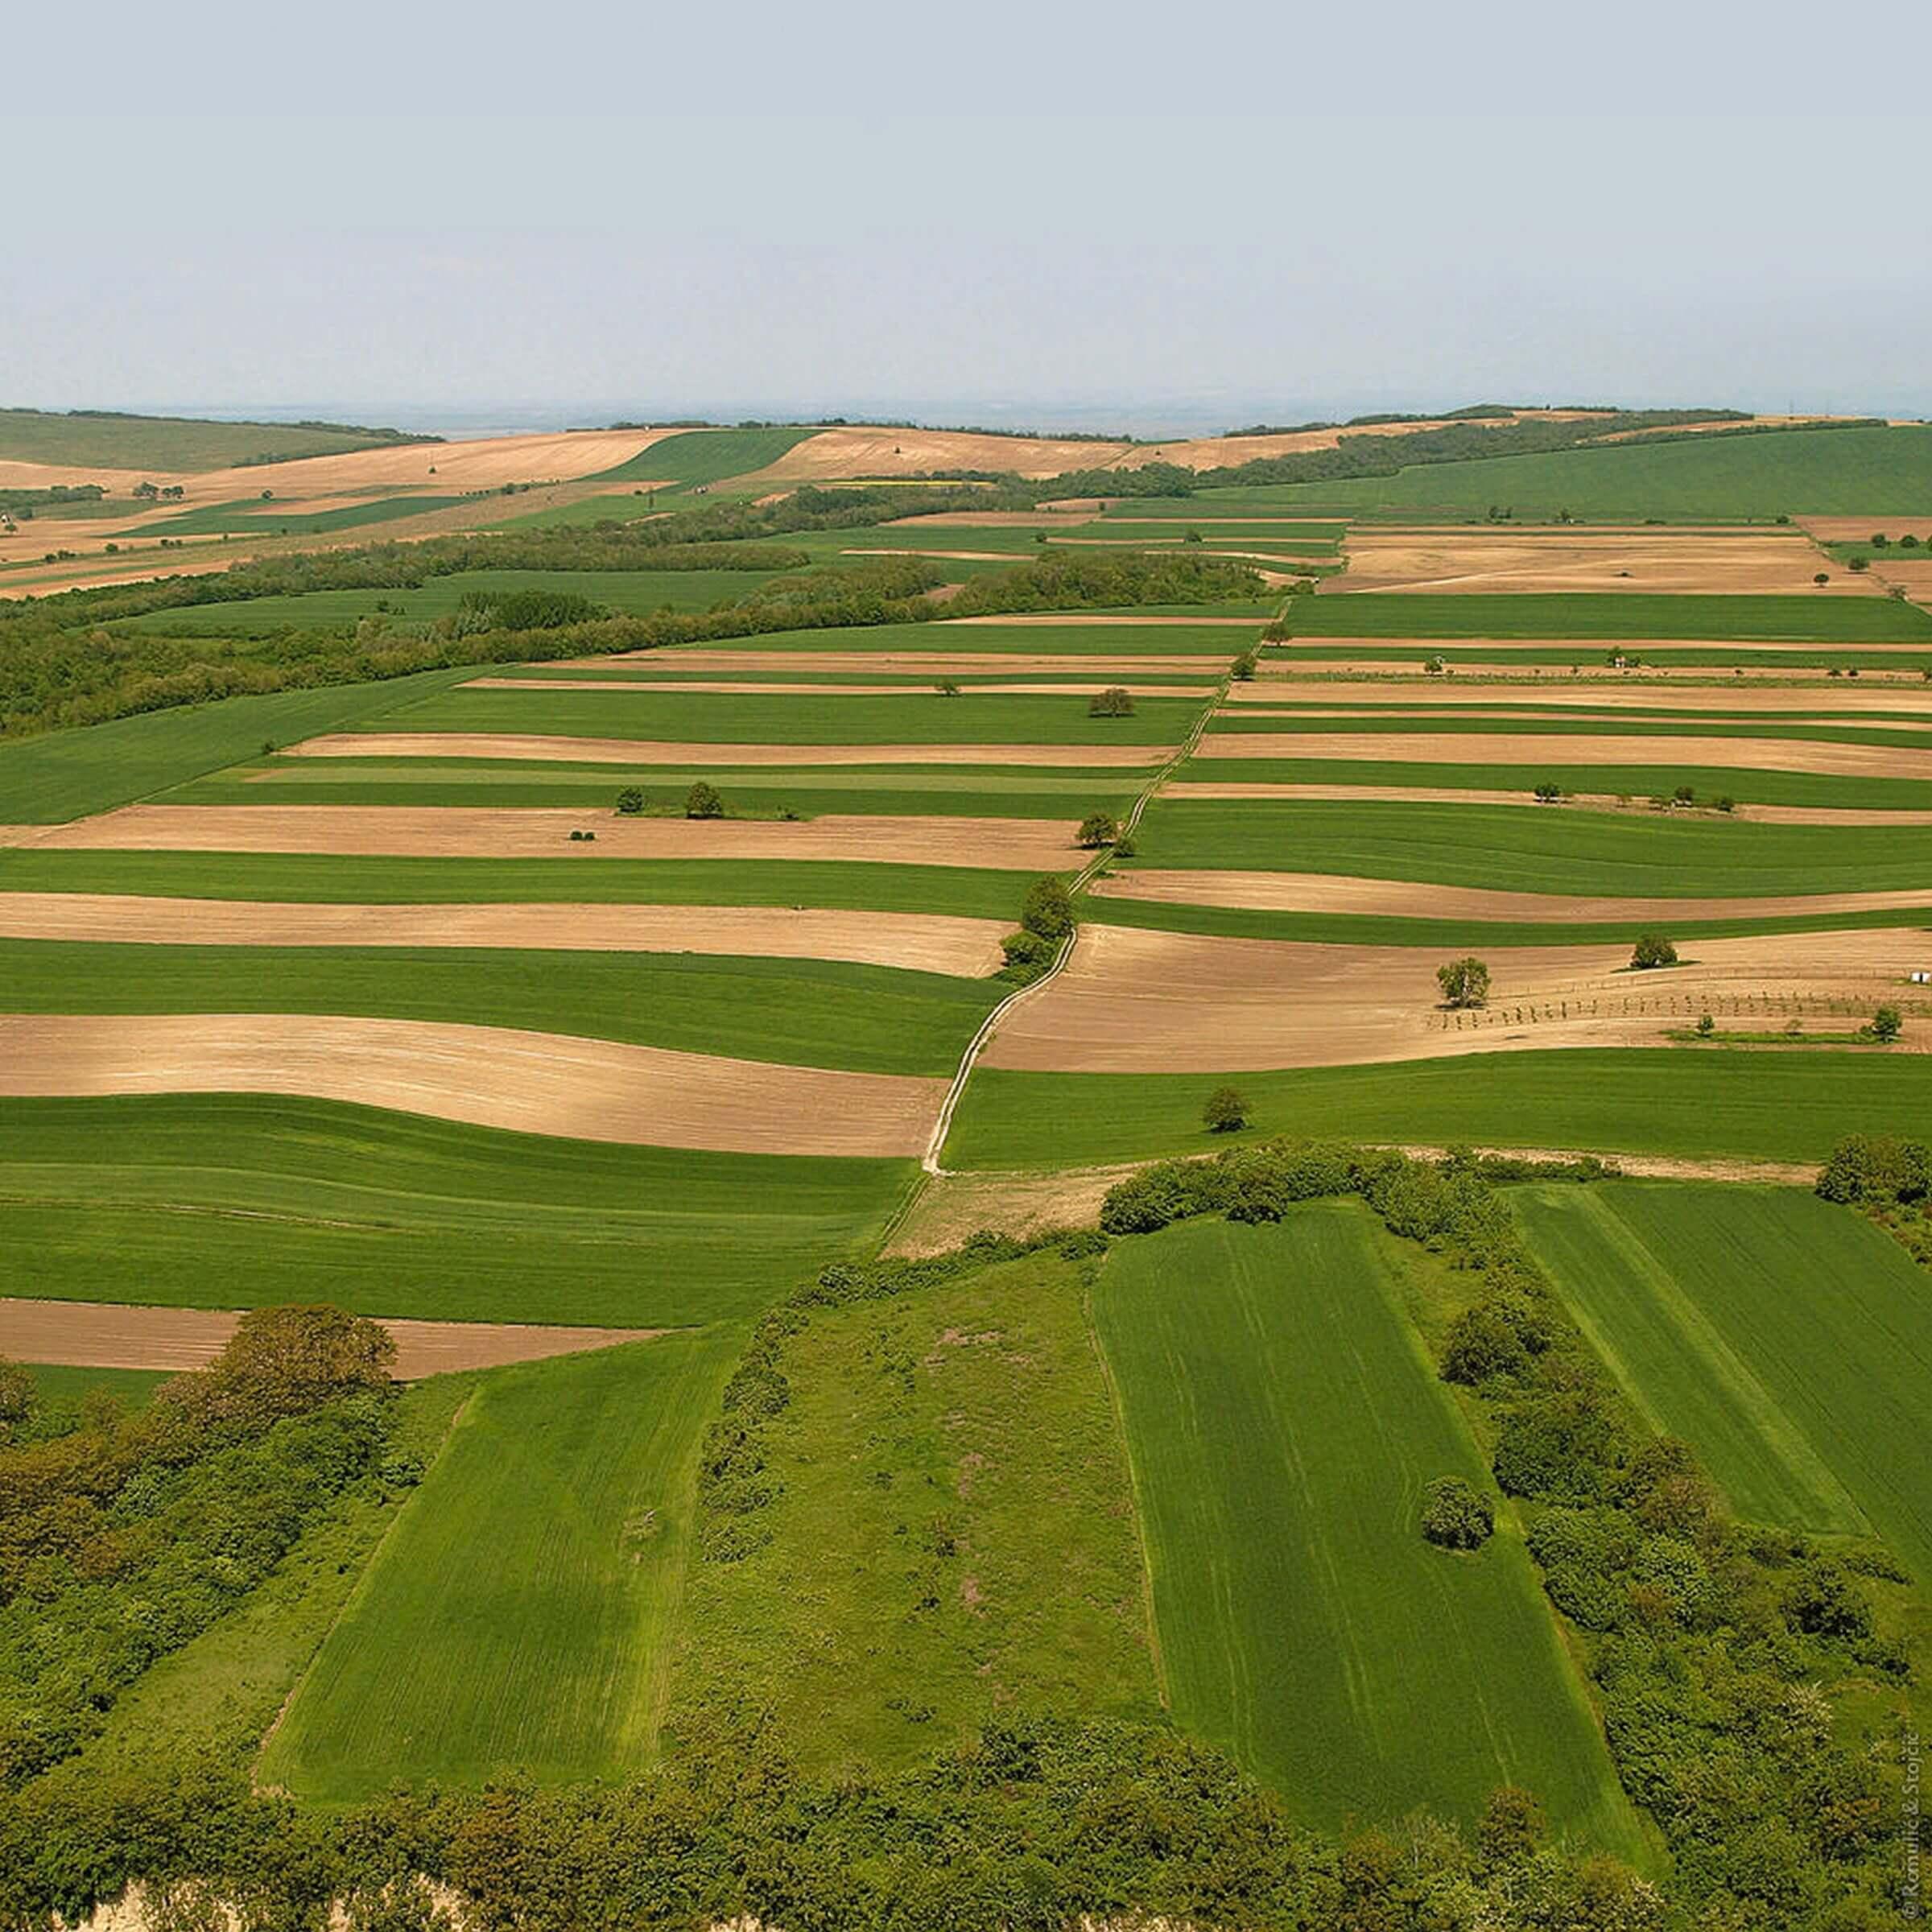 Uz osnovnu djelatnost obrade poljoprivrednih površina i ratarstva, poduzeće se bavi i kooperacijom – integracijom na području Baranje. Suradnja s malim poljoprivrednim gospodarstvima u Baranji podrazumijeva financiranje - kreditiranje malih gospodarstava repromaterijalom za poljoprivrednu proizvodnju – gnojivo, sjeme, gorivo, zaštitna te otkup i skladištenje otkupljenih poljoprivrednih proizvoda Kooperacija se trenutno obavlja na više od 4.500 ha s poljoprivrednim proizvođaćima s područja Baranje.